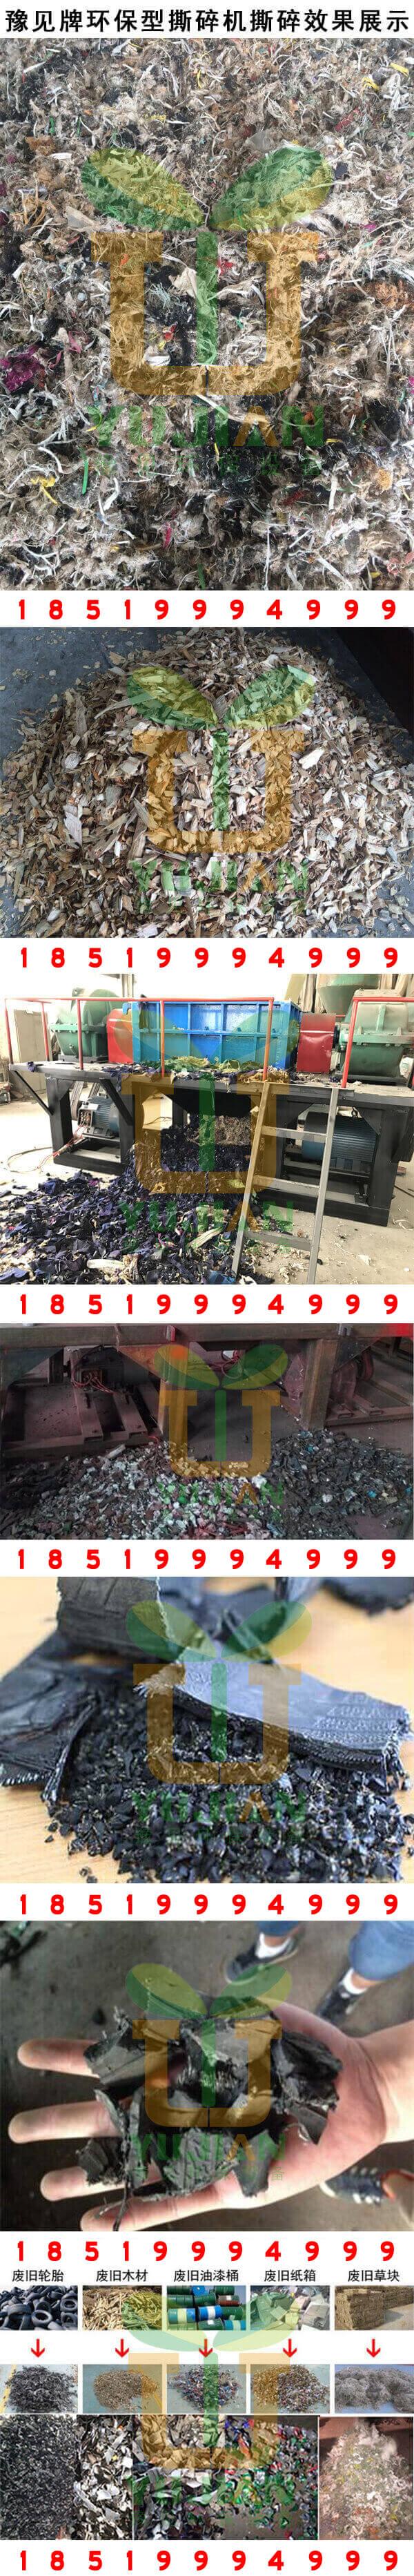 豫见牌环保型垃圾撕碎机撕碎效果展示